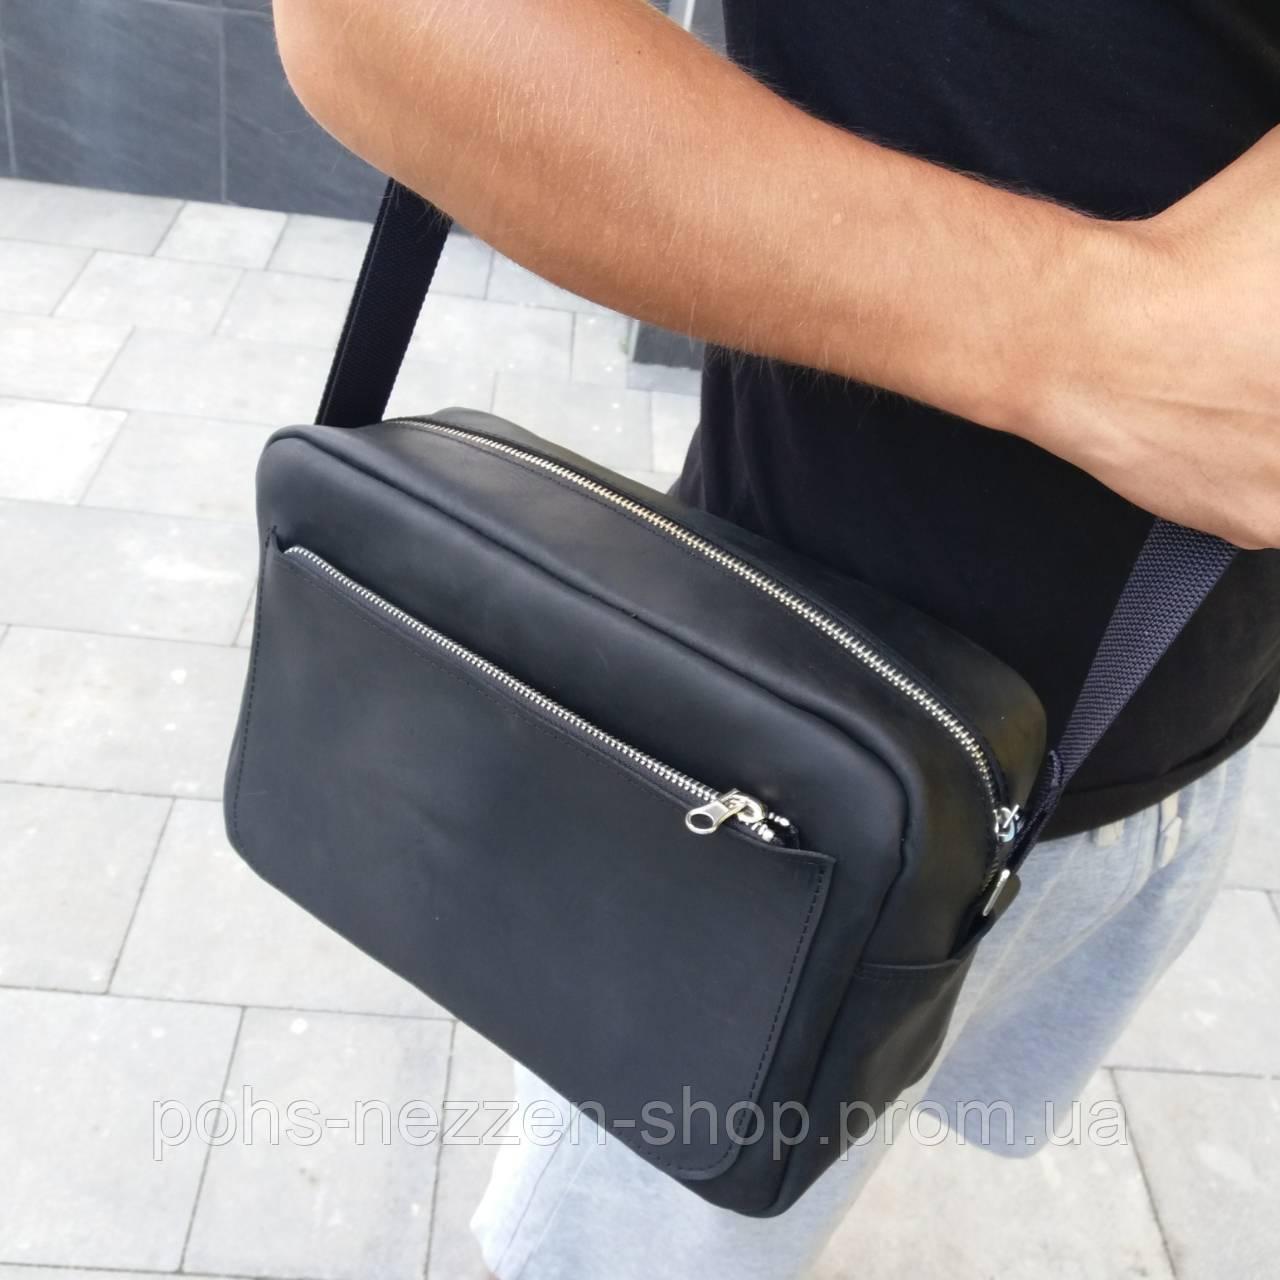 ab67a4b7f88f Кожаная мужская сумка через плечо, ручной работы. Чёрный цвет. - Zen shop в